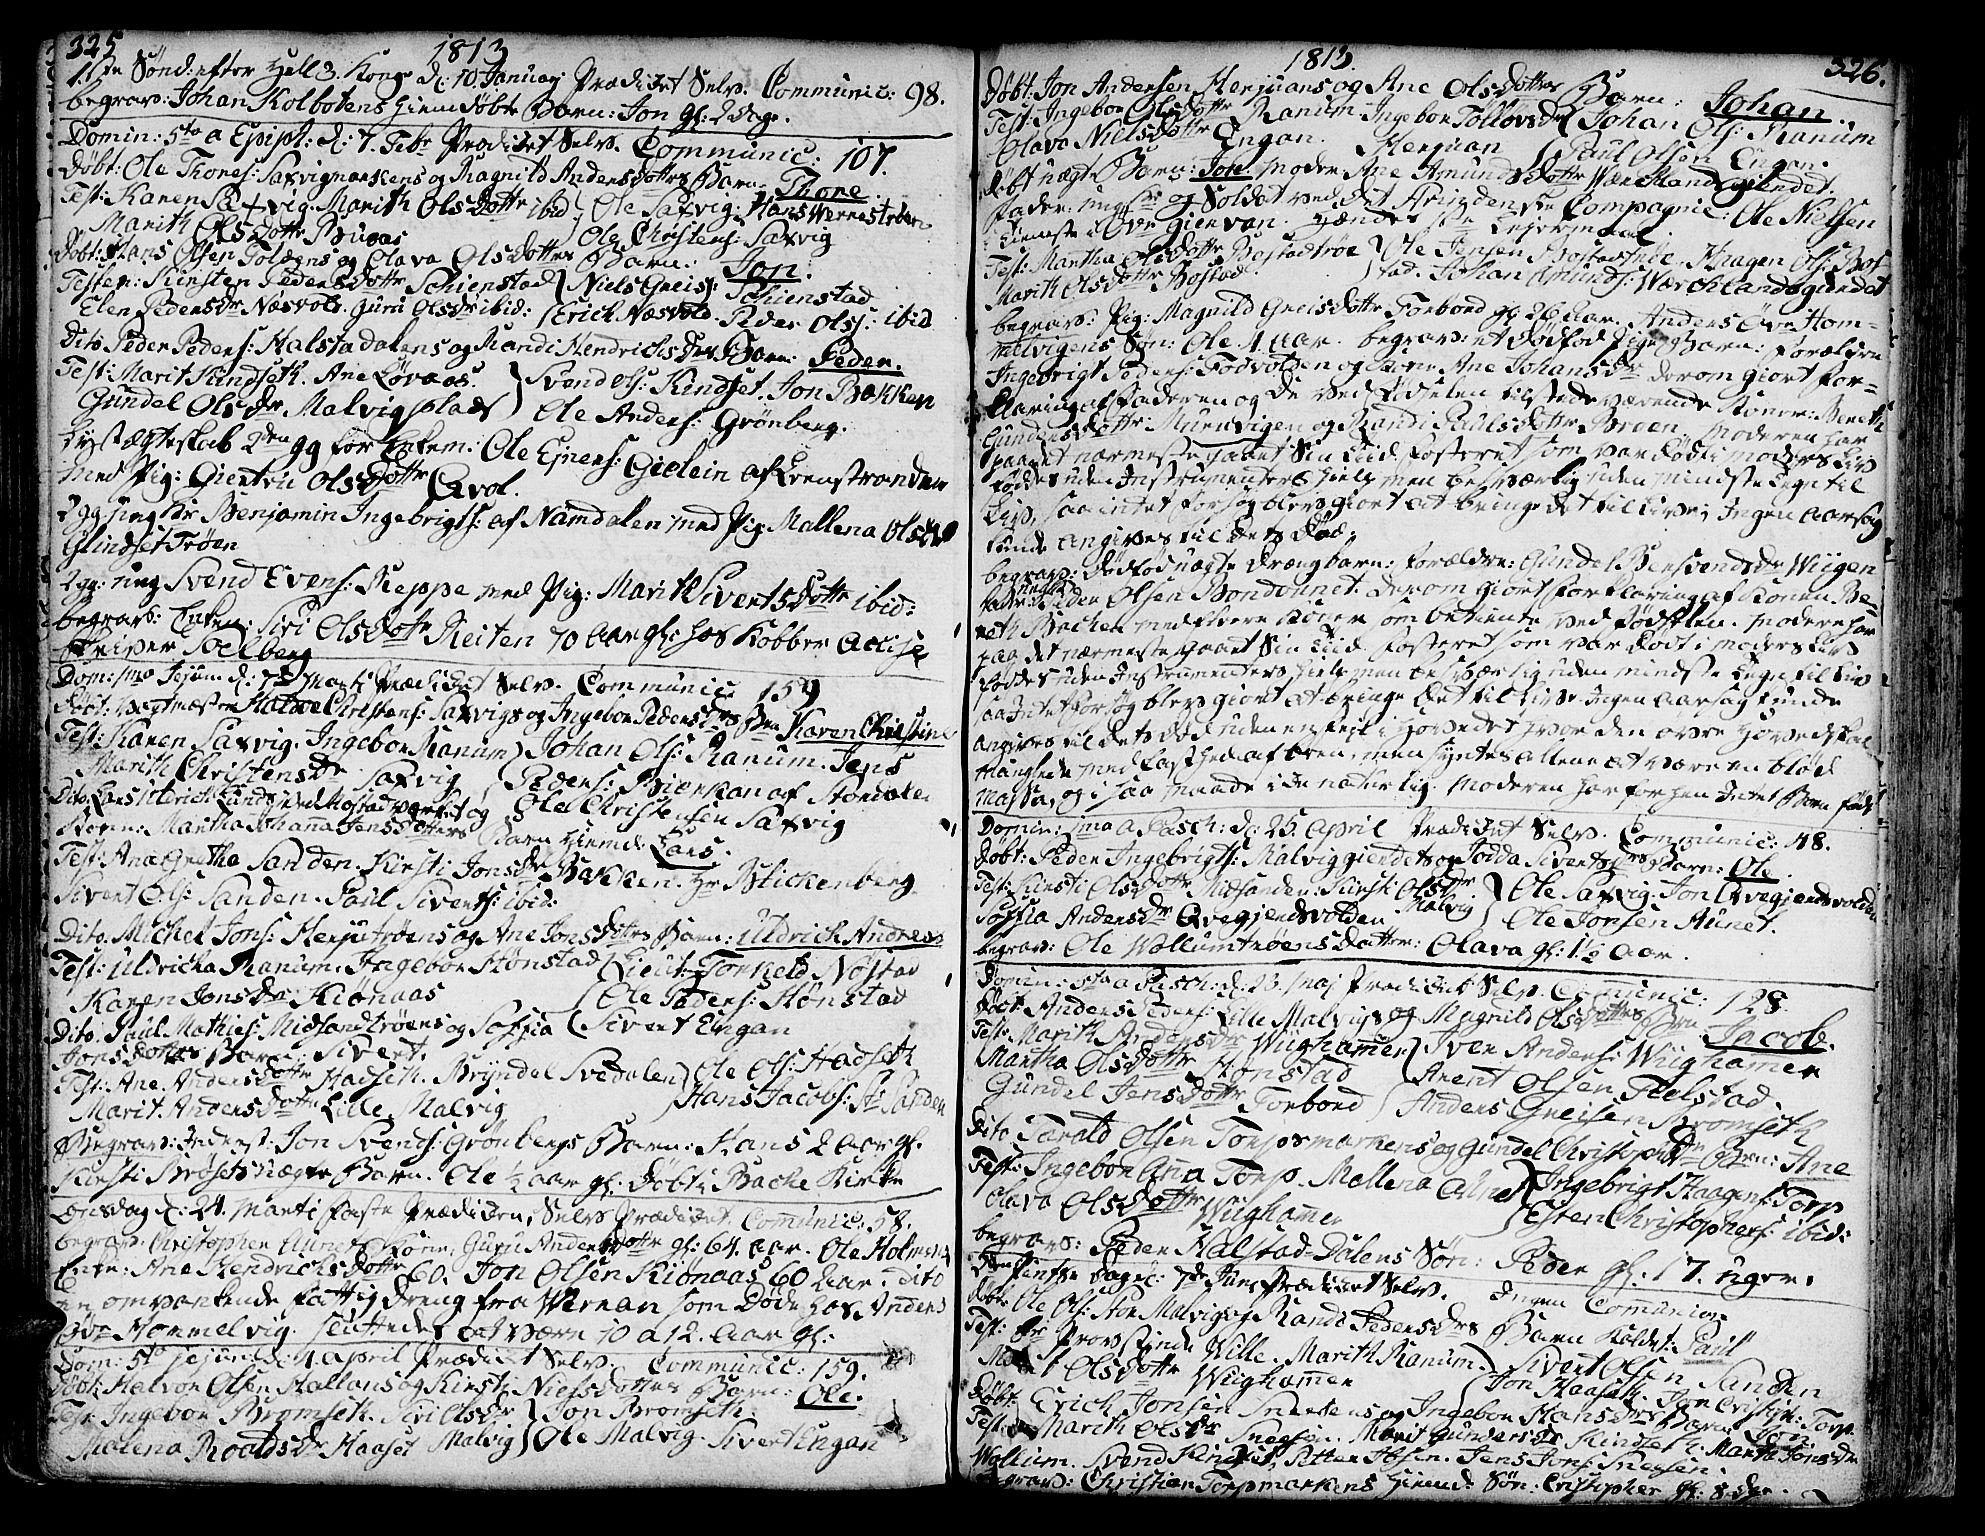 SAT, Ministerialprotokoller, klokkerbøker og fødselsregistre - Sør-Trøndelag, 606/L0281: Ministerialbok nr. 606A02 /2, 1781-1817, s. 325-326